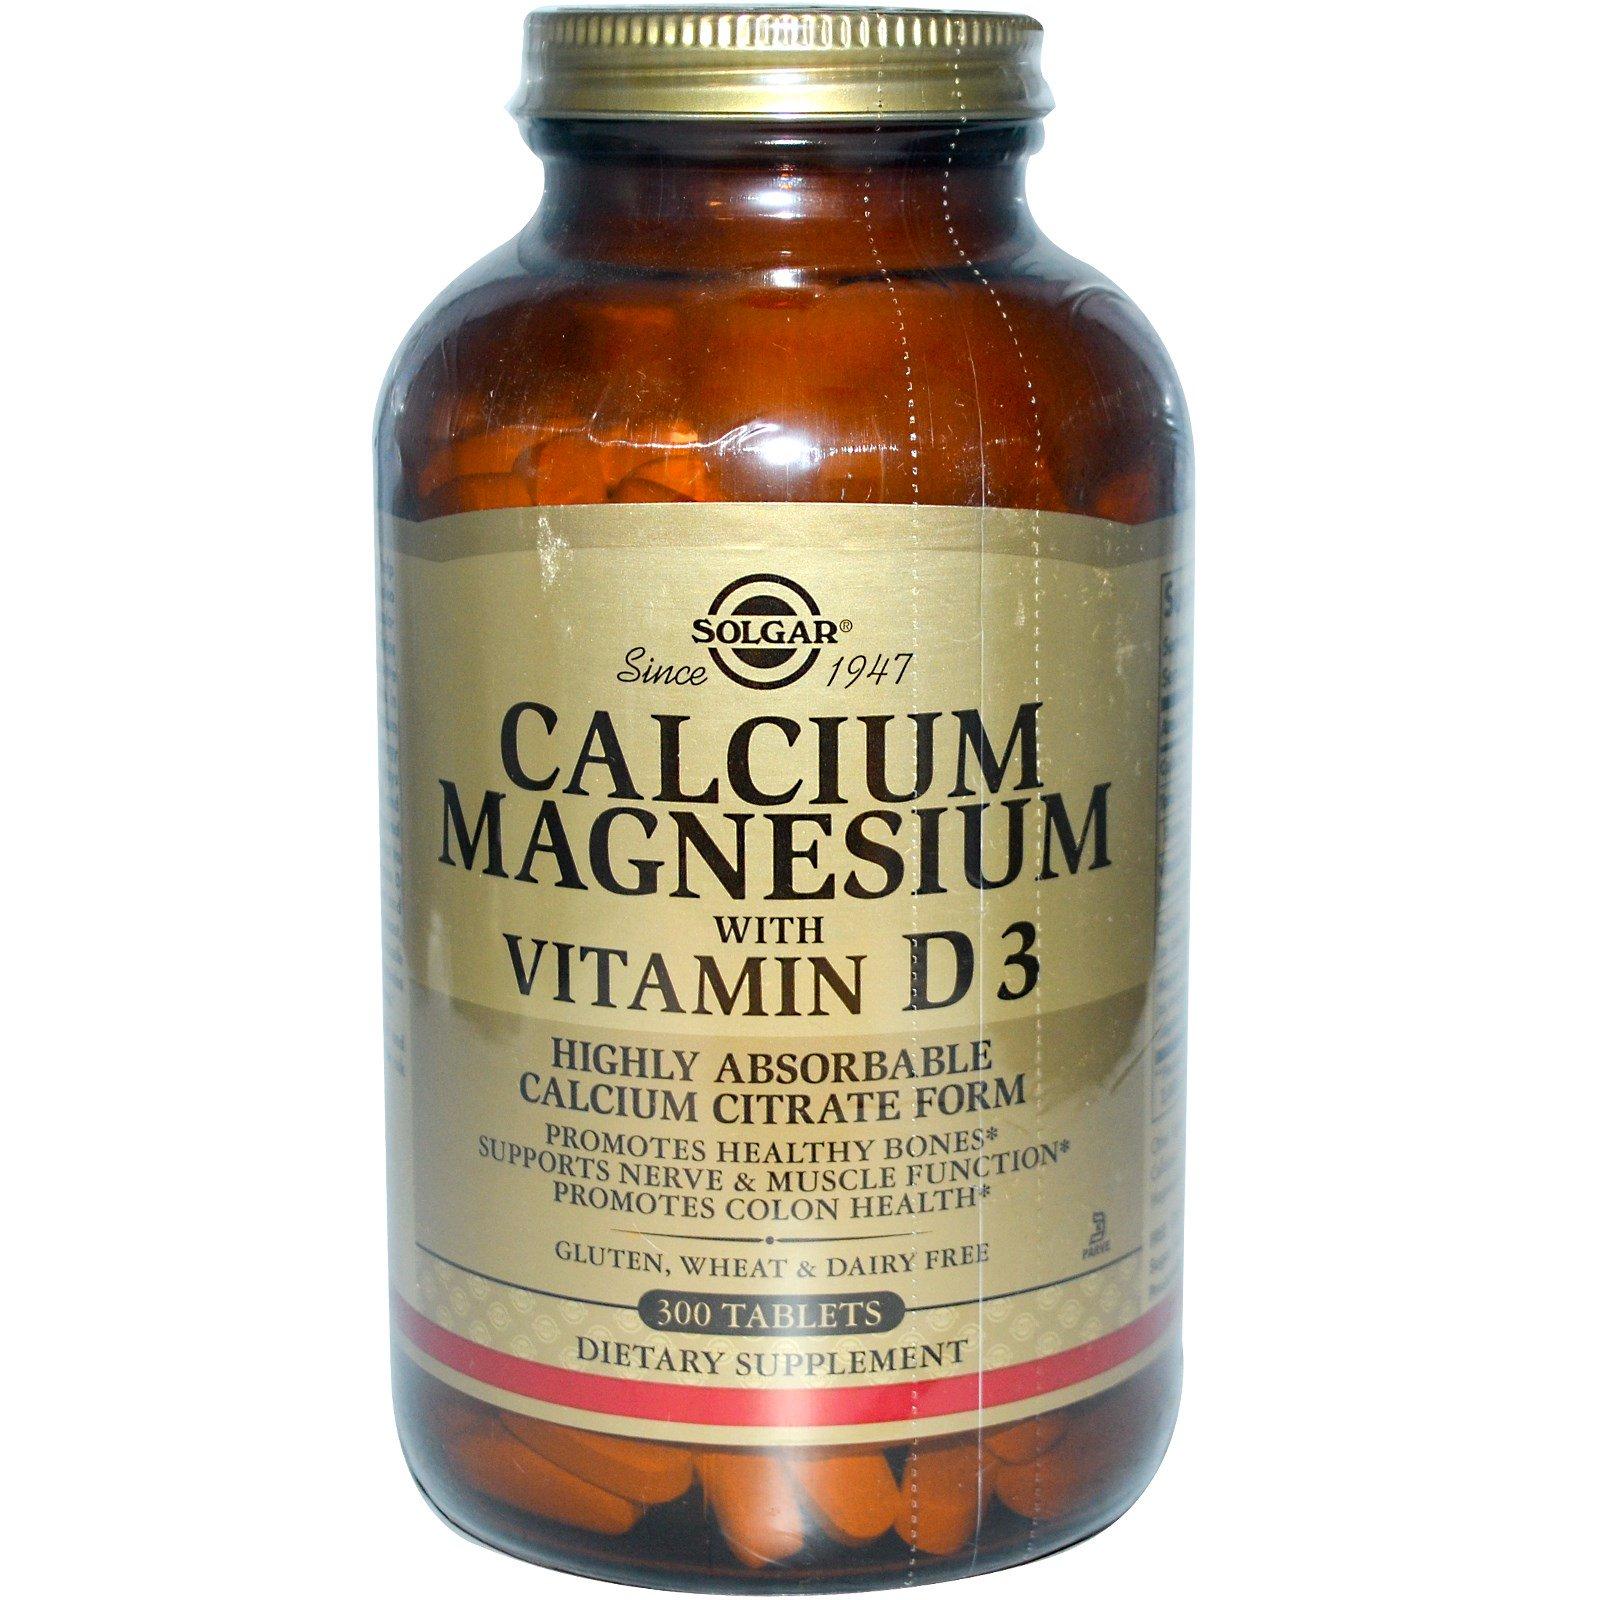 Solgar Calcium Magnesium With Vitamin D3 300 Tablets